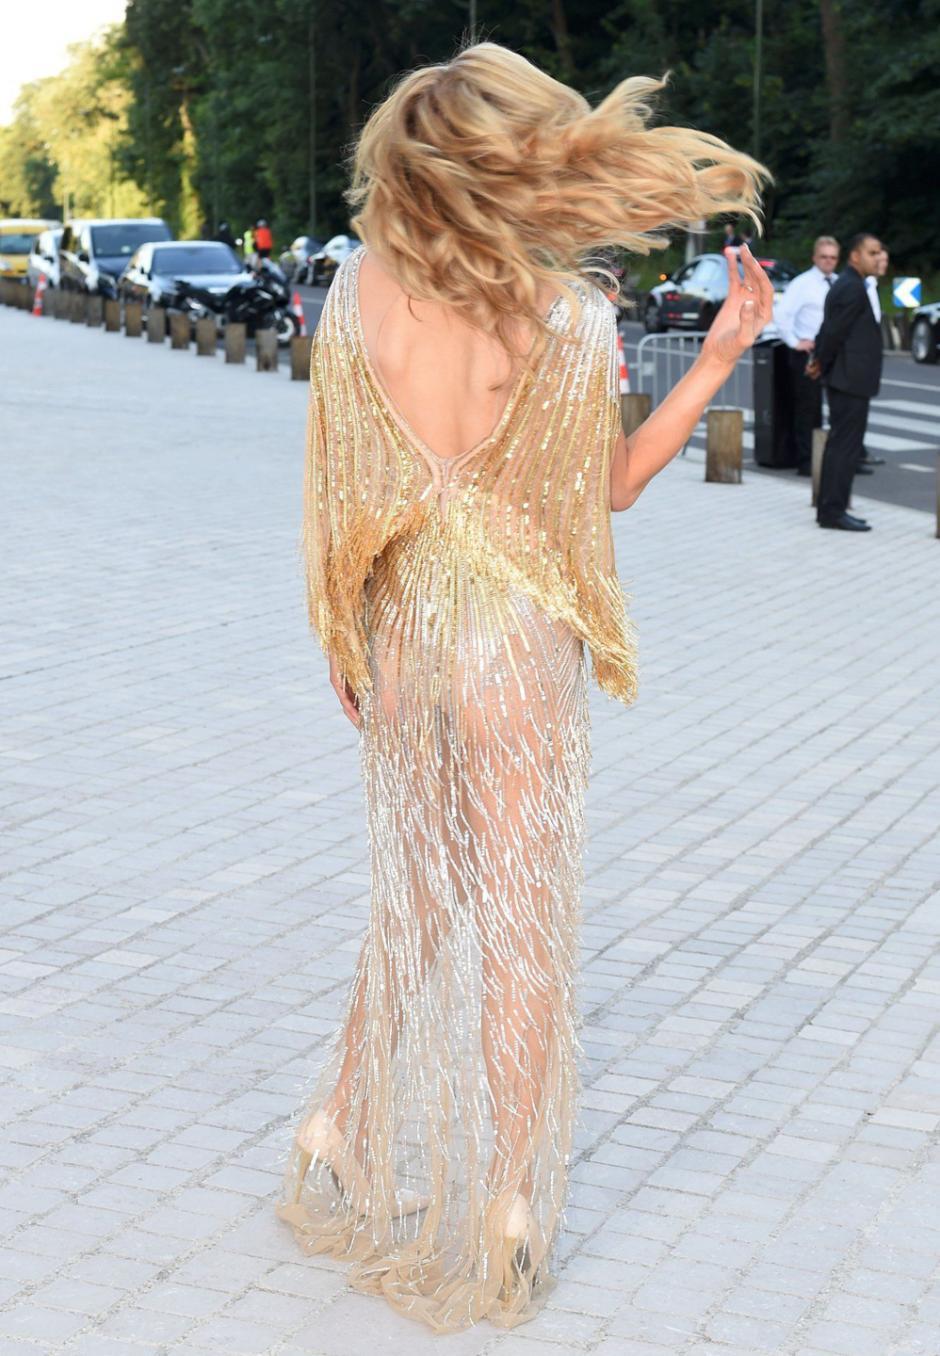 El vestido de Hilton no dejó nada a la imaginación. (Foto: MailOnline)